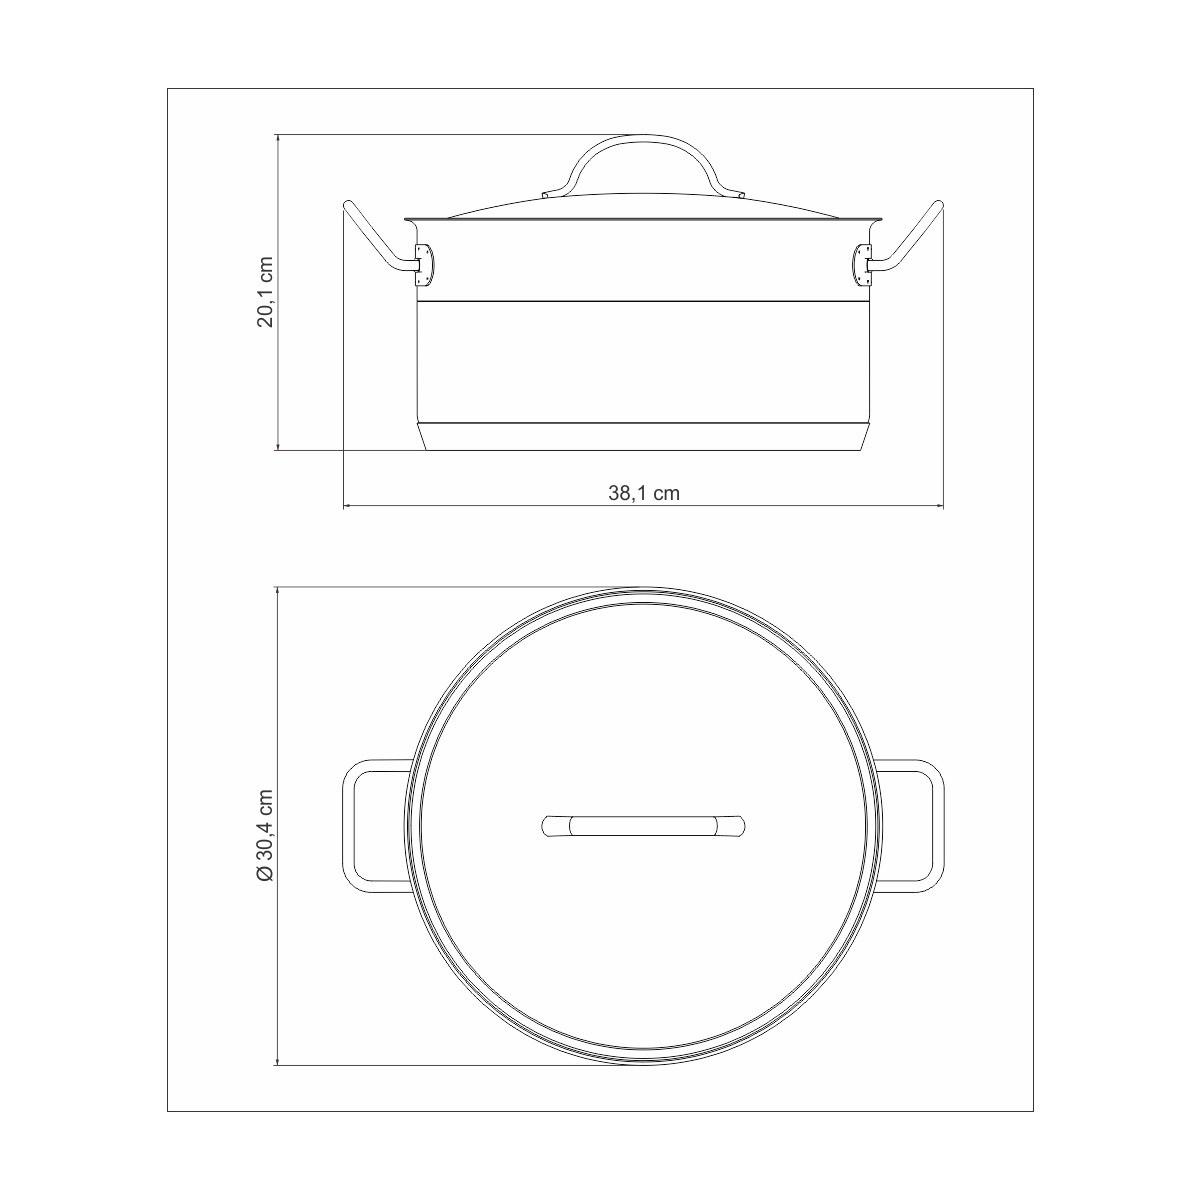 Caçarola Funda Professional 28cm Tramontina  - Sua Casa Gourmet e Cia